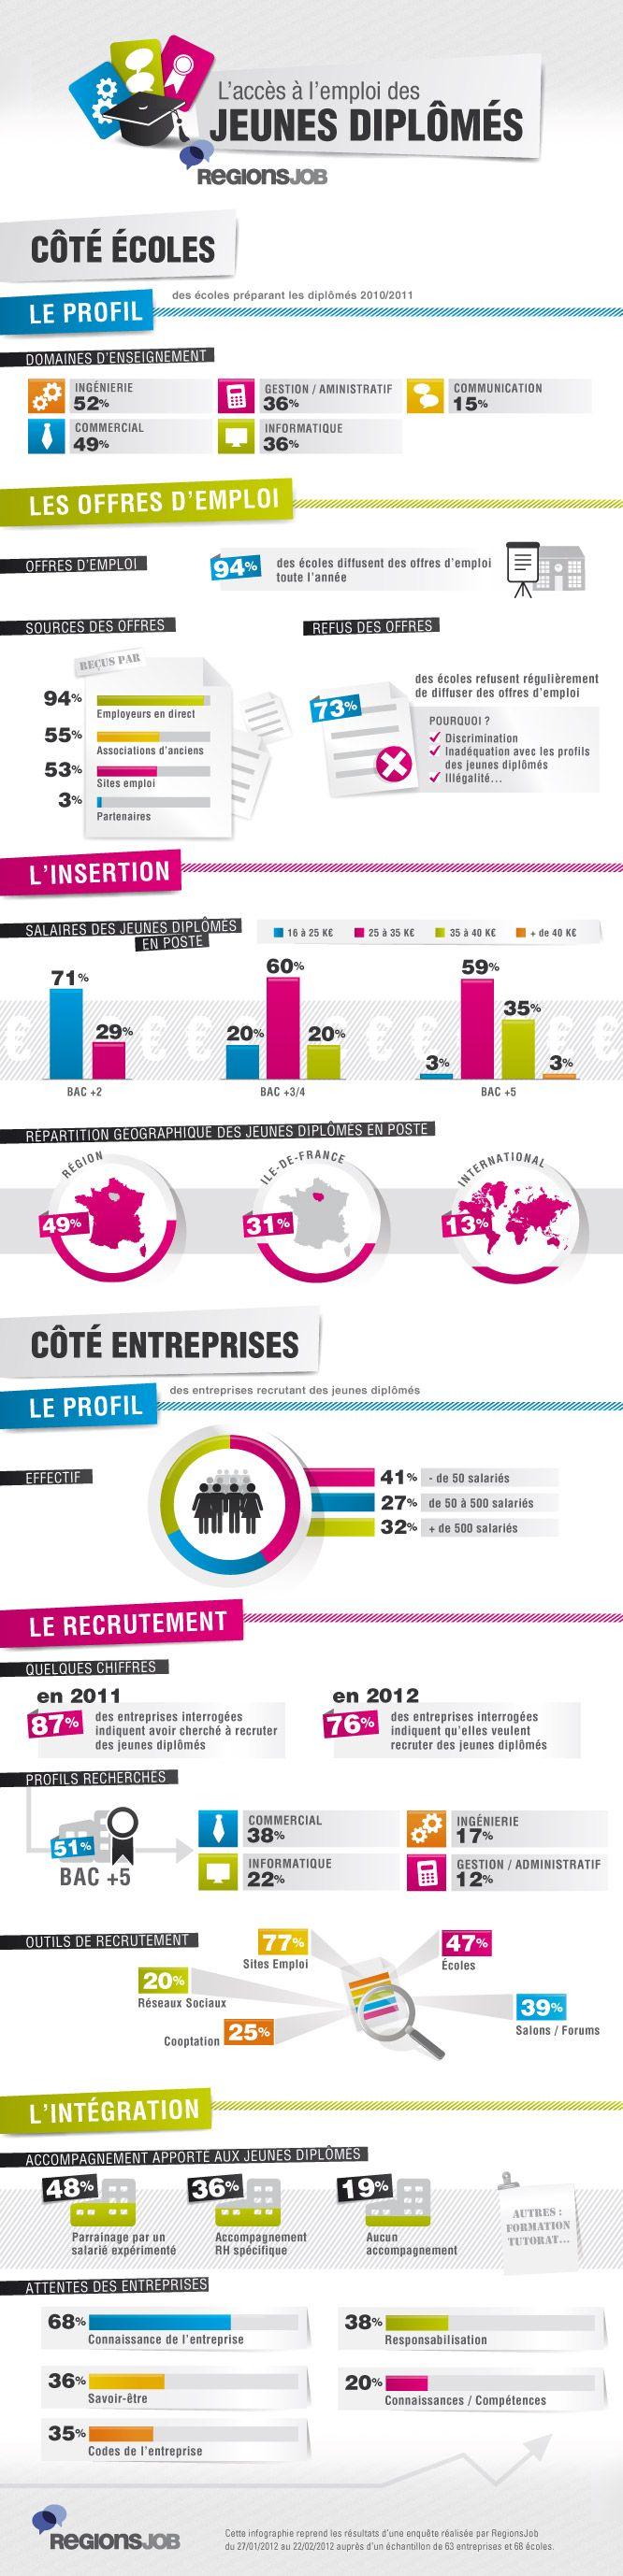 Infographie : L'accès à l'emploi des jeunes diplômés (coté écoles) #infographics